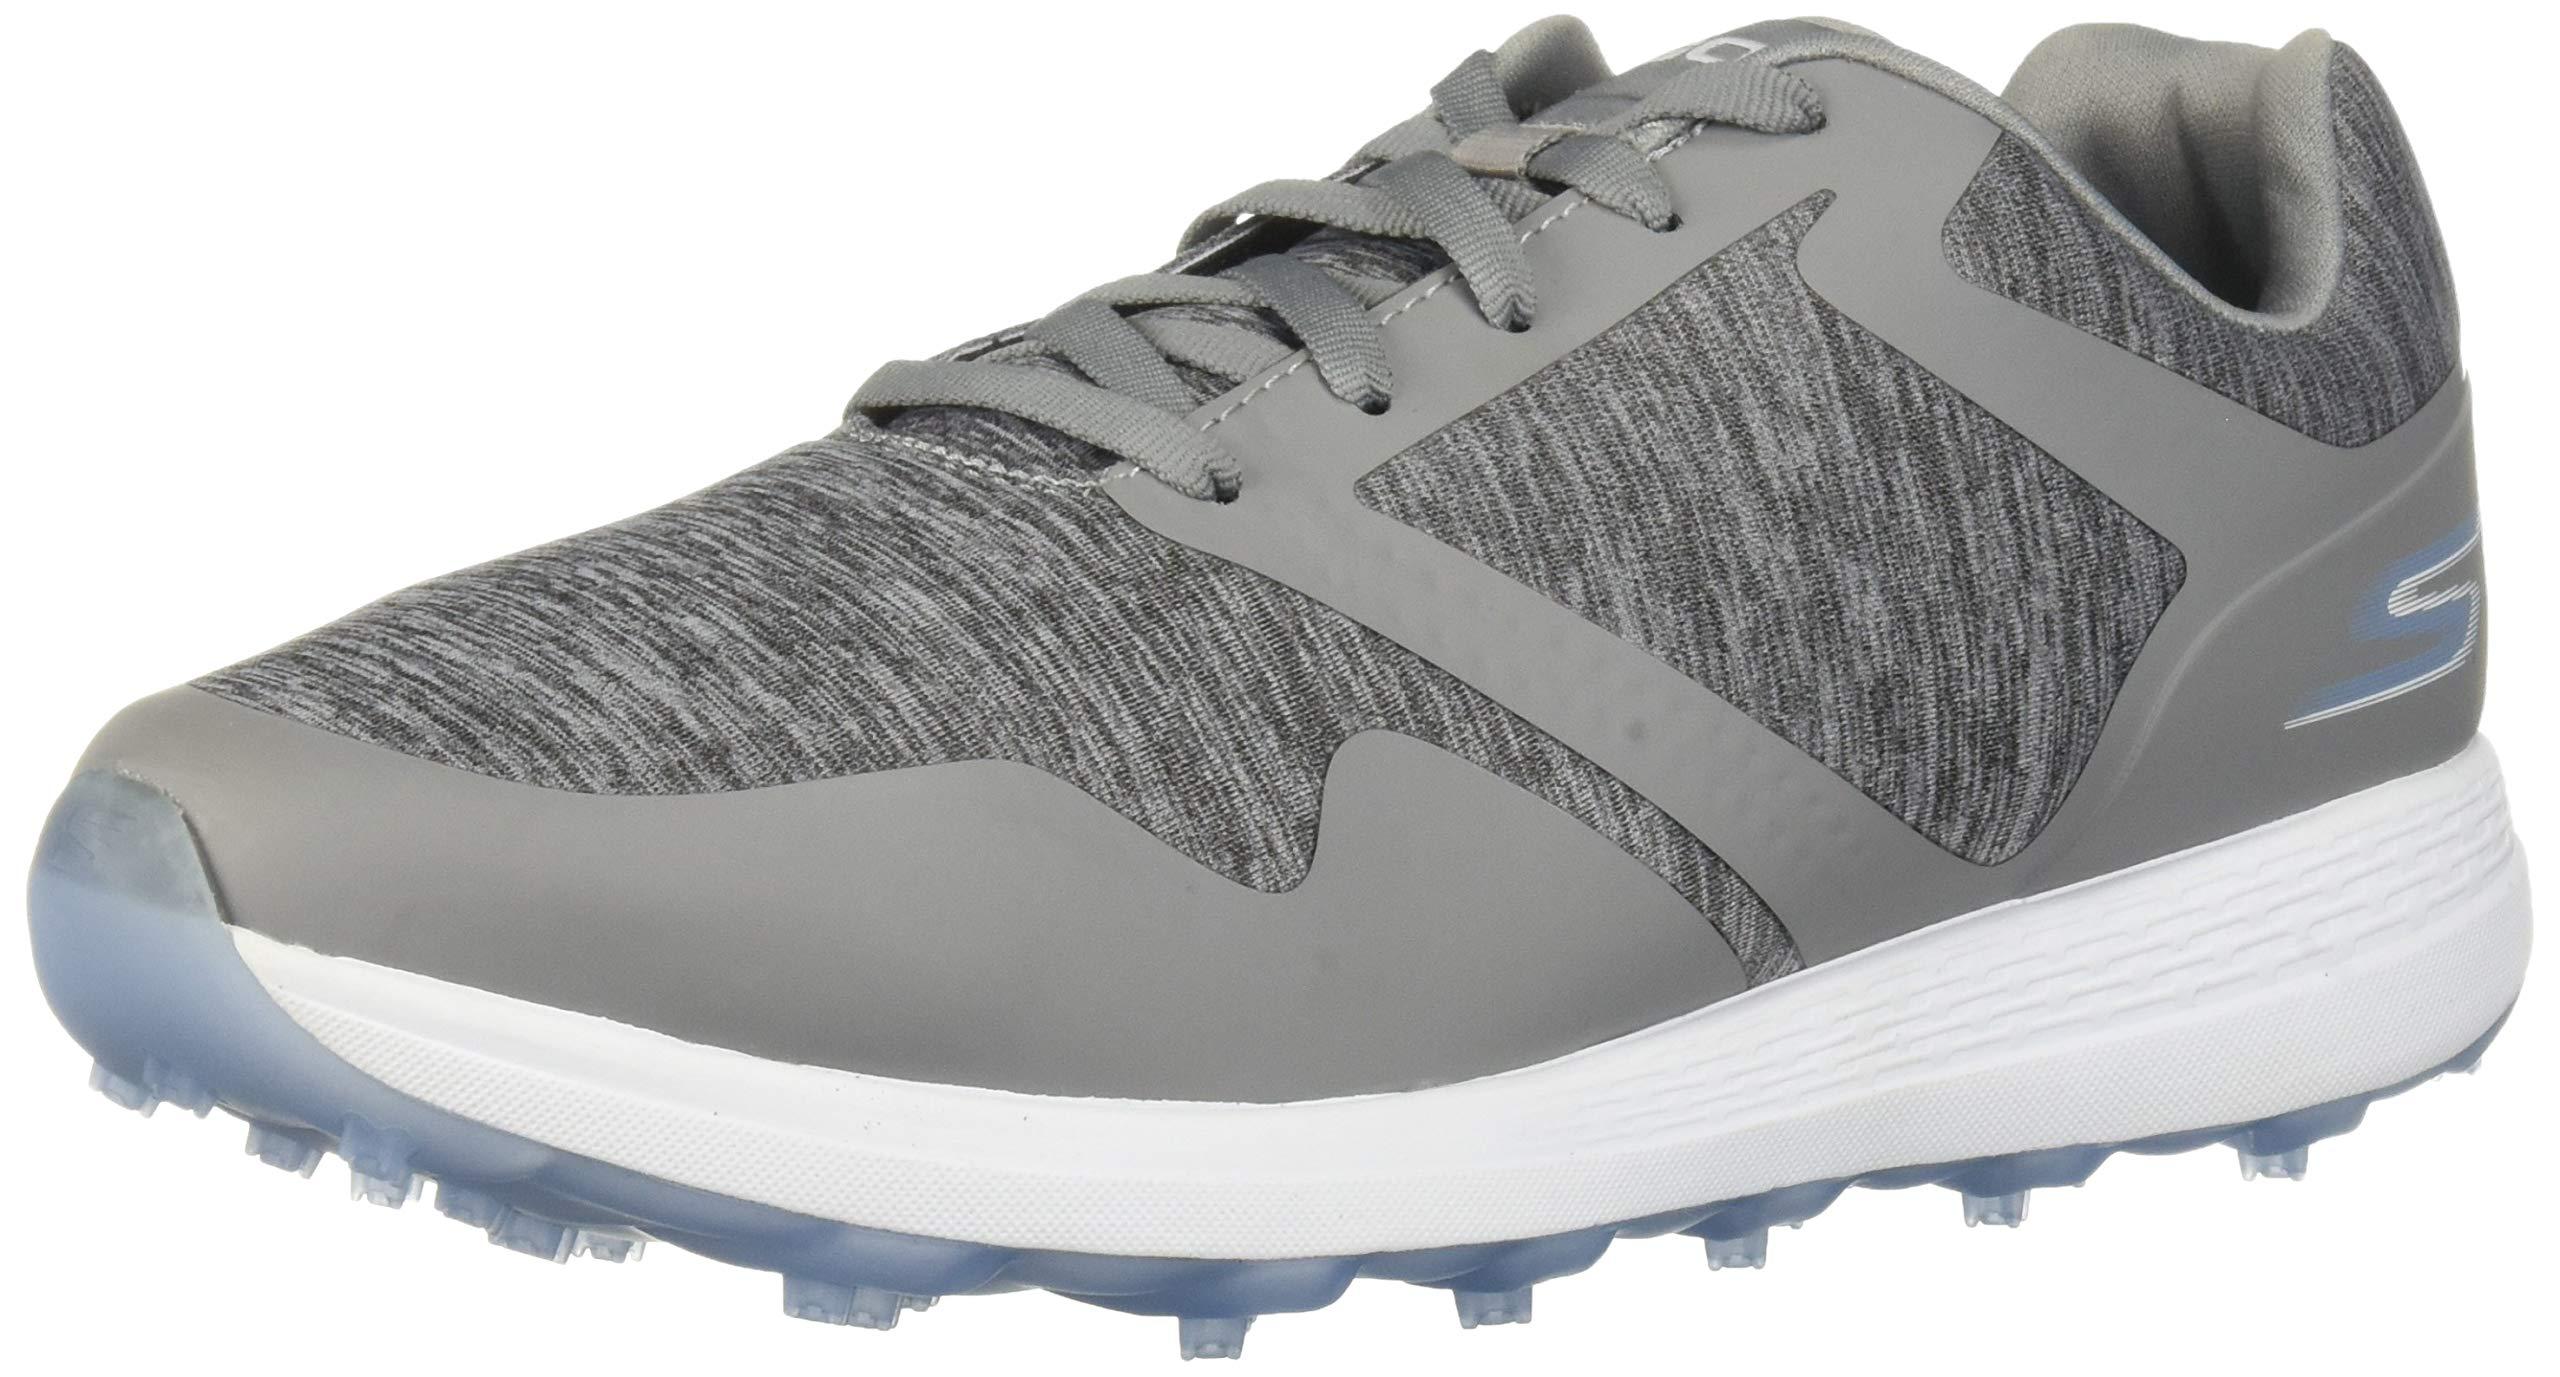 Skechers Women's Max Golf Shoe, Gray/Blue Heathered, 8 W US by Skechers